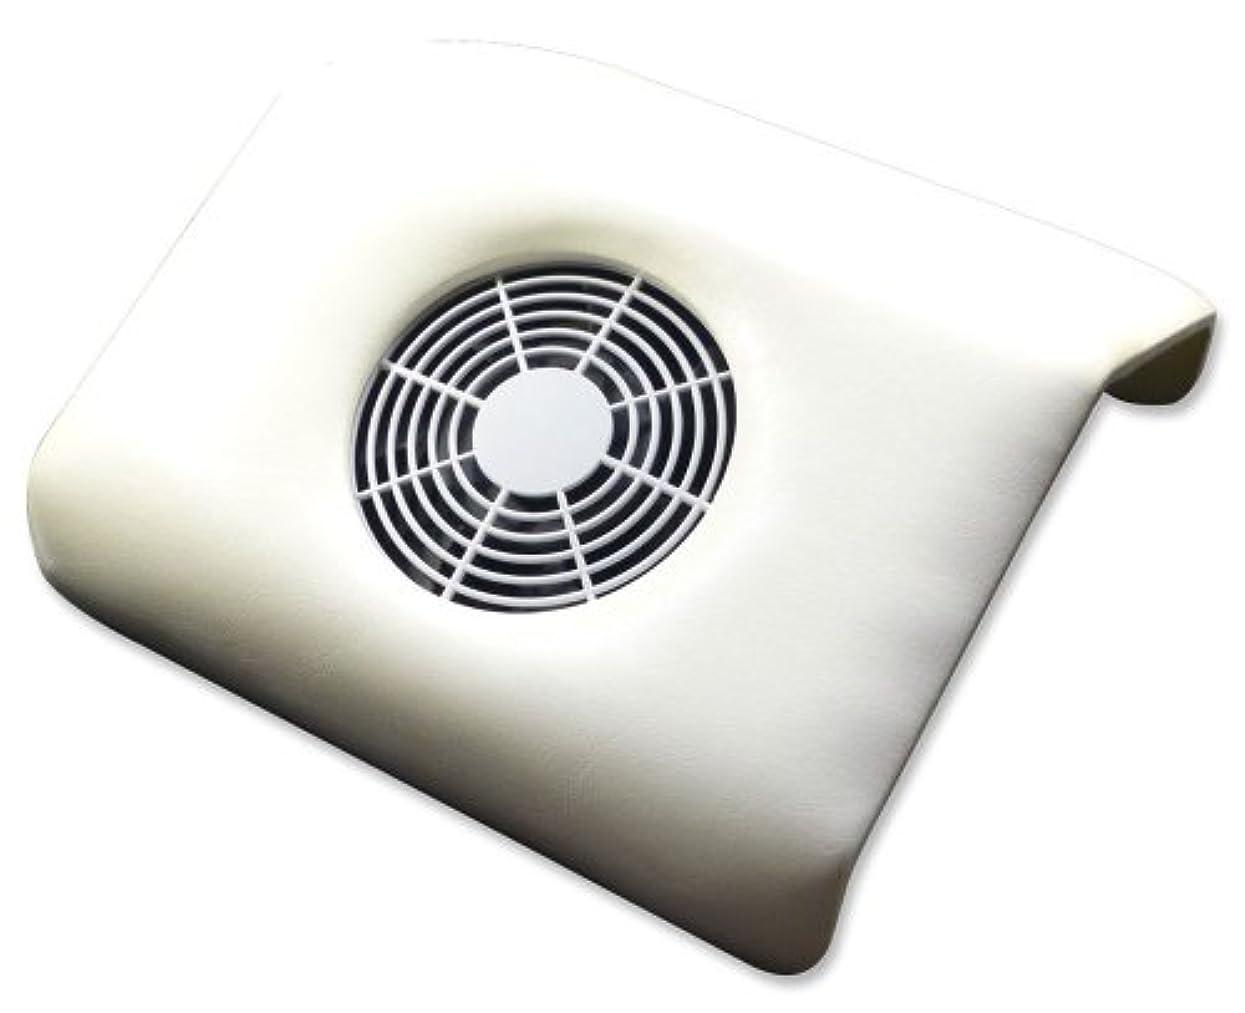 細いシルエット腫瘍ビューティーネイラー ジェルネイル ネイルダストコレクター ラージ DCL-W ホワイト